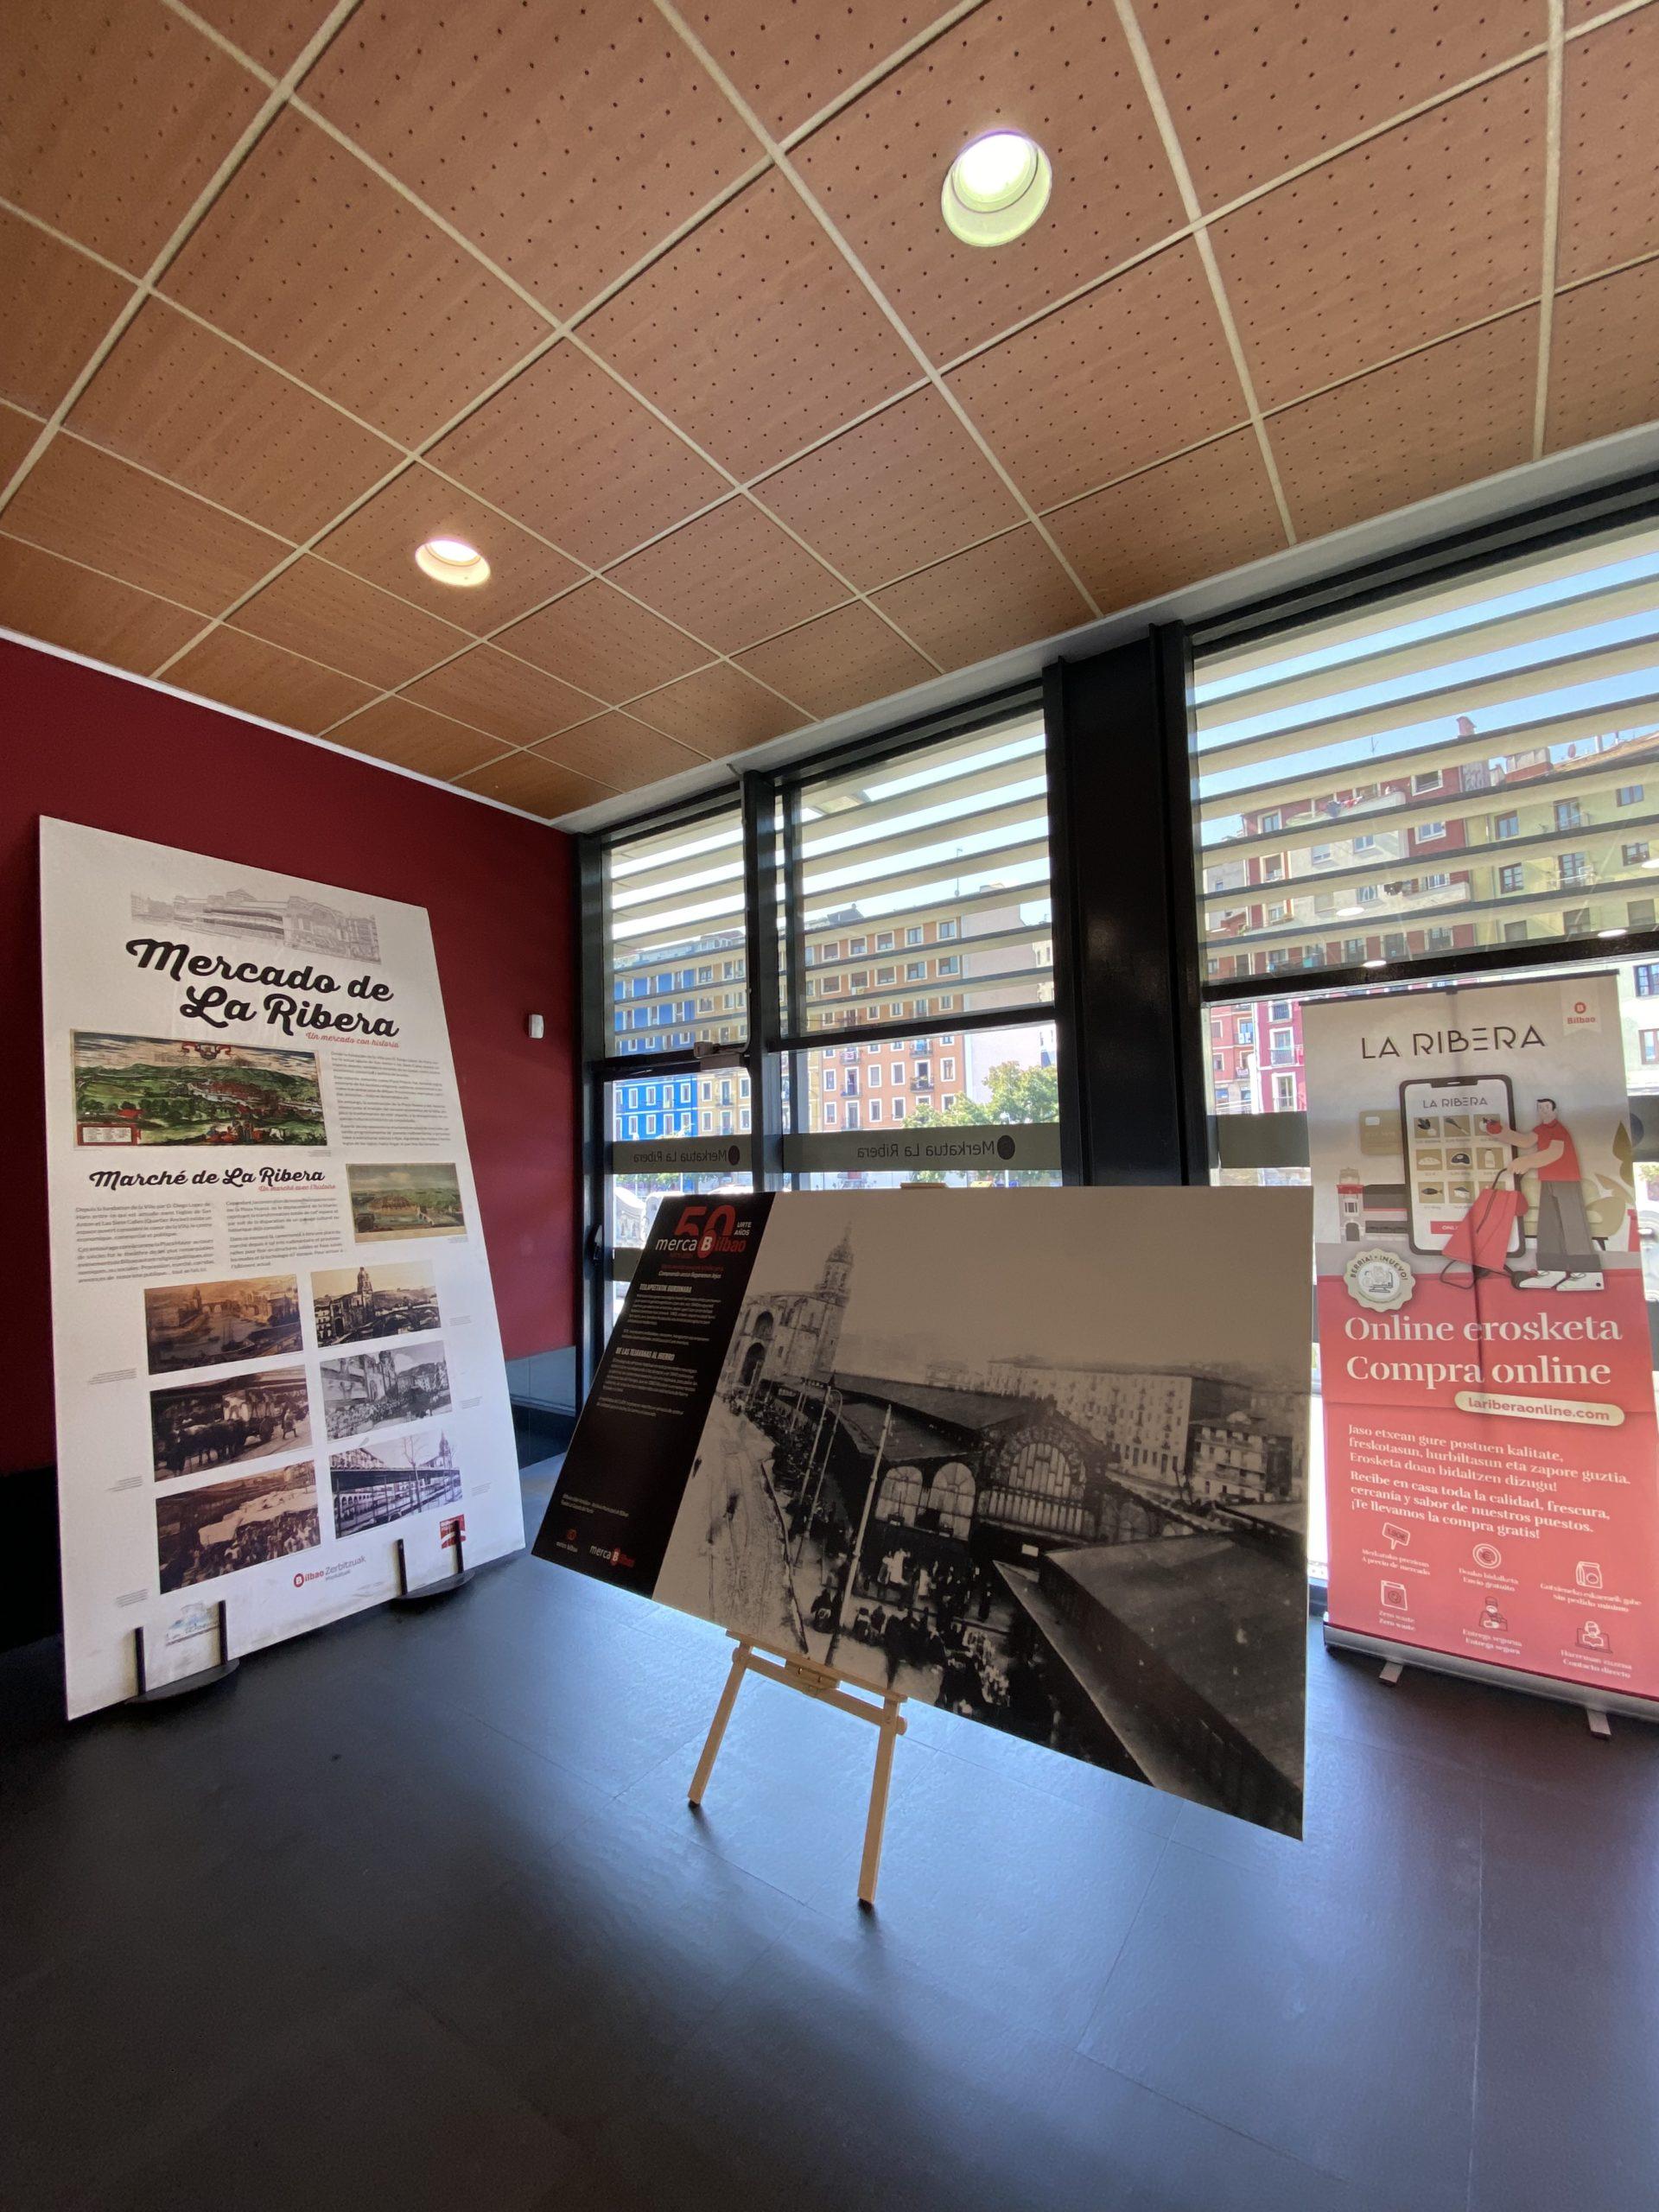 Exposición de fotografía en el Mercado de la Ribera